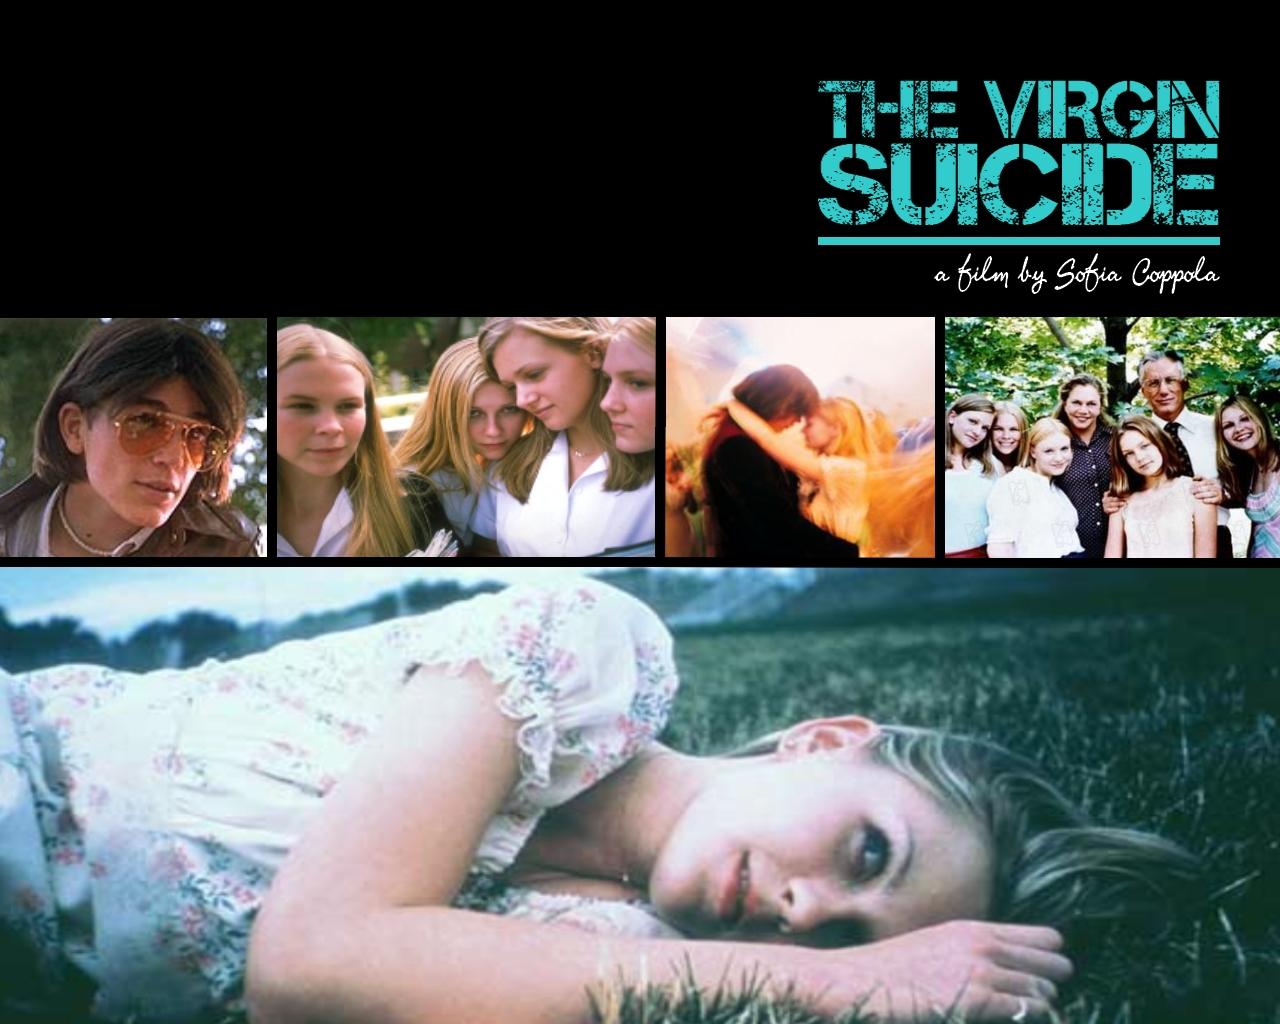 Нам смотреть онлайн фильм девственницы самоубийцы согласен